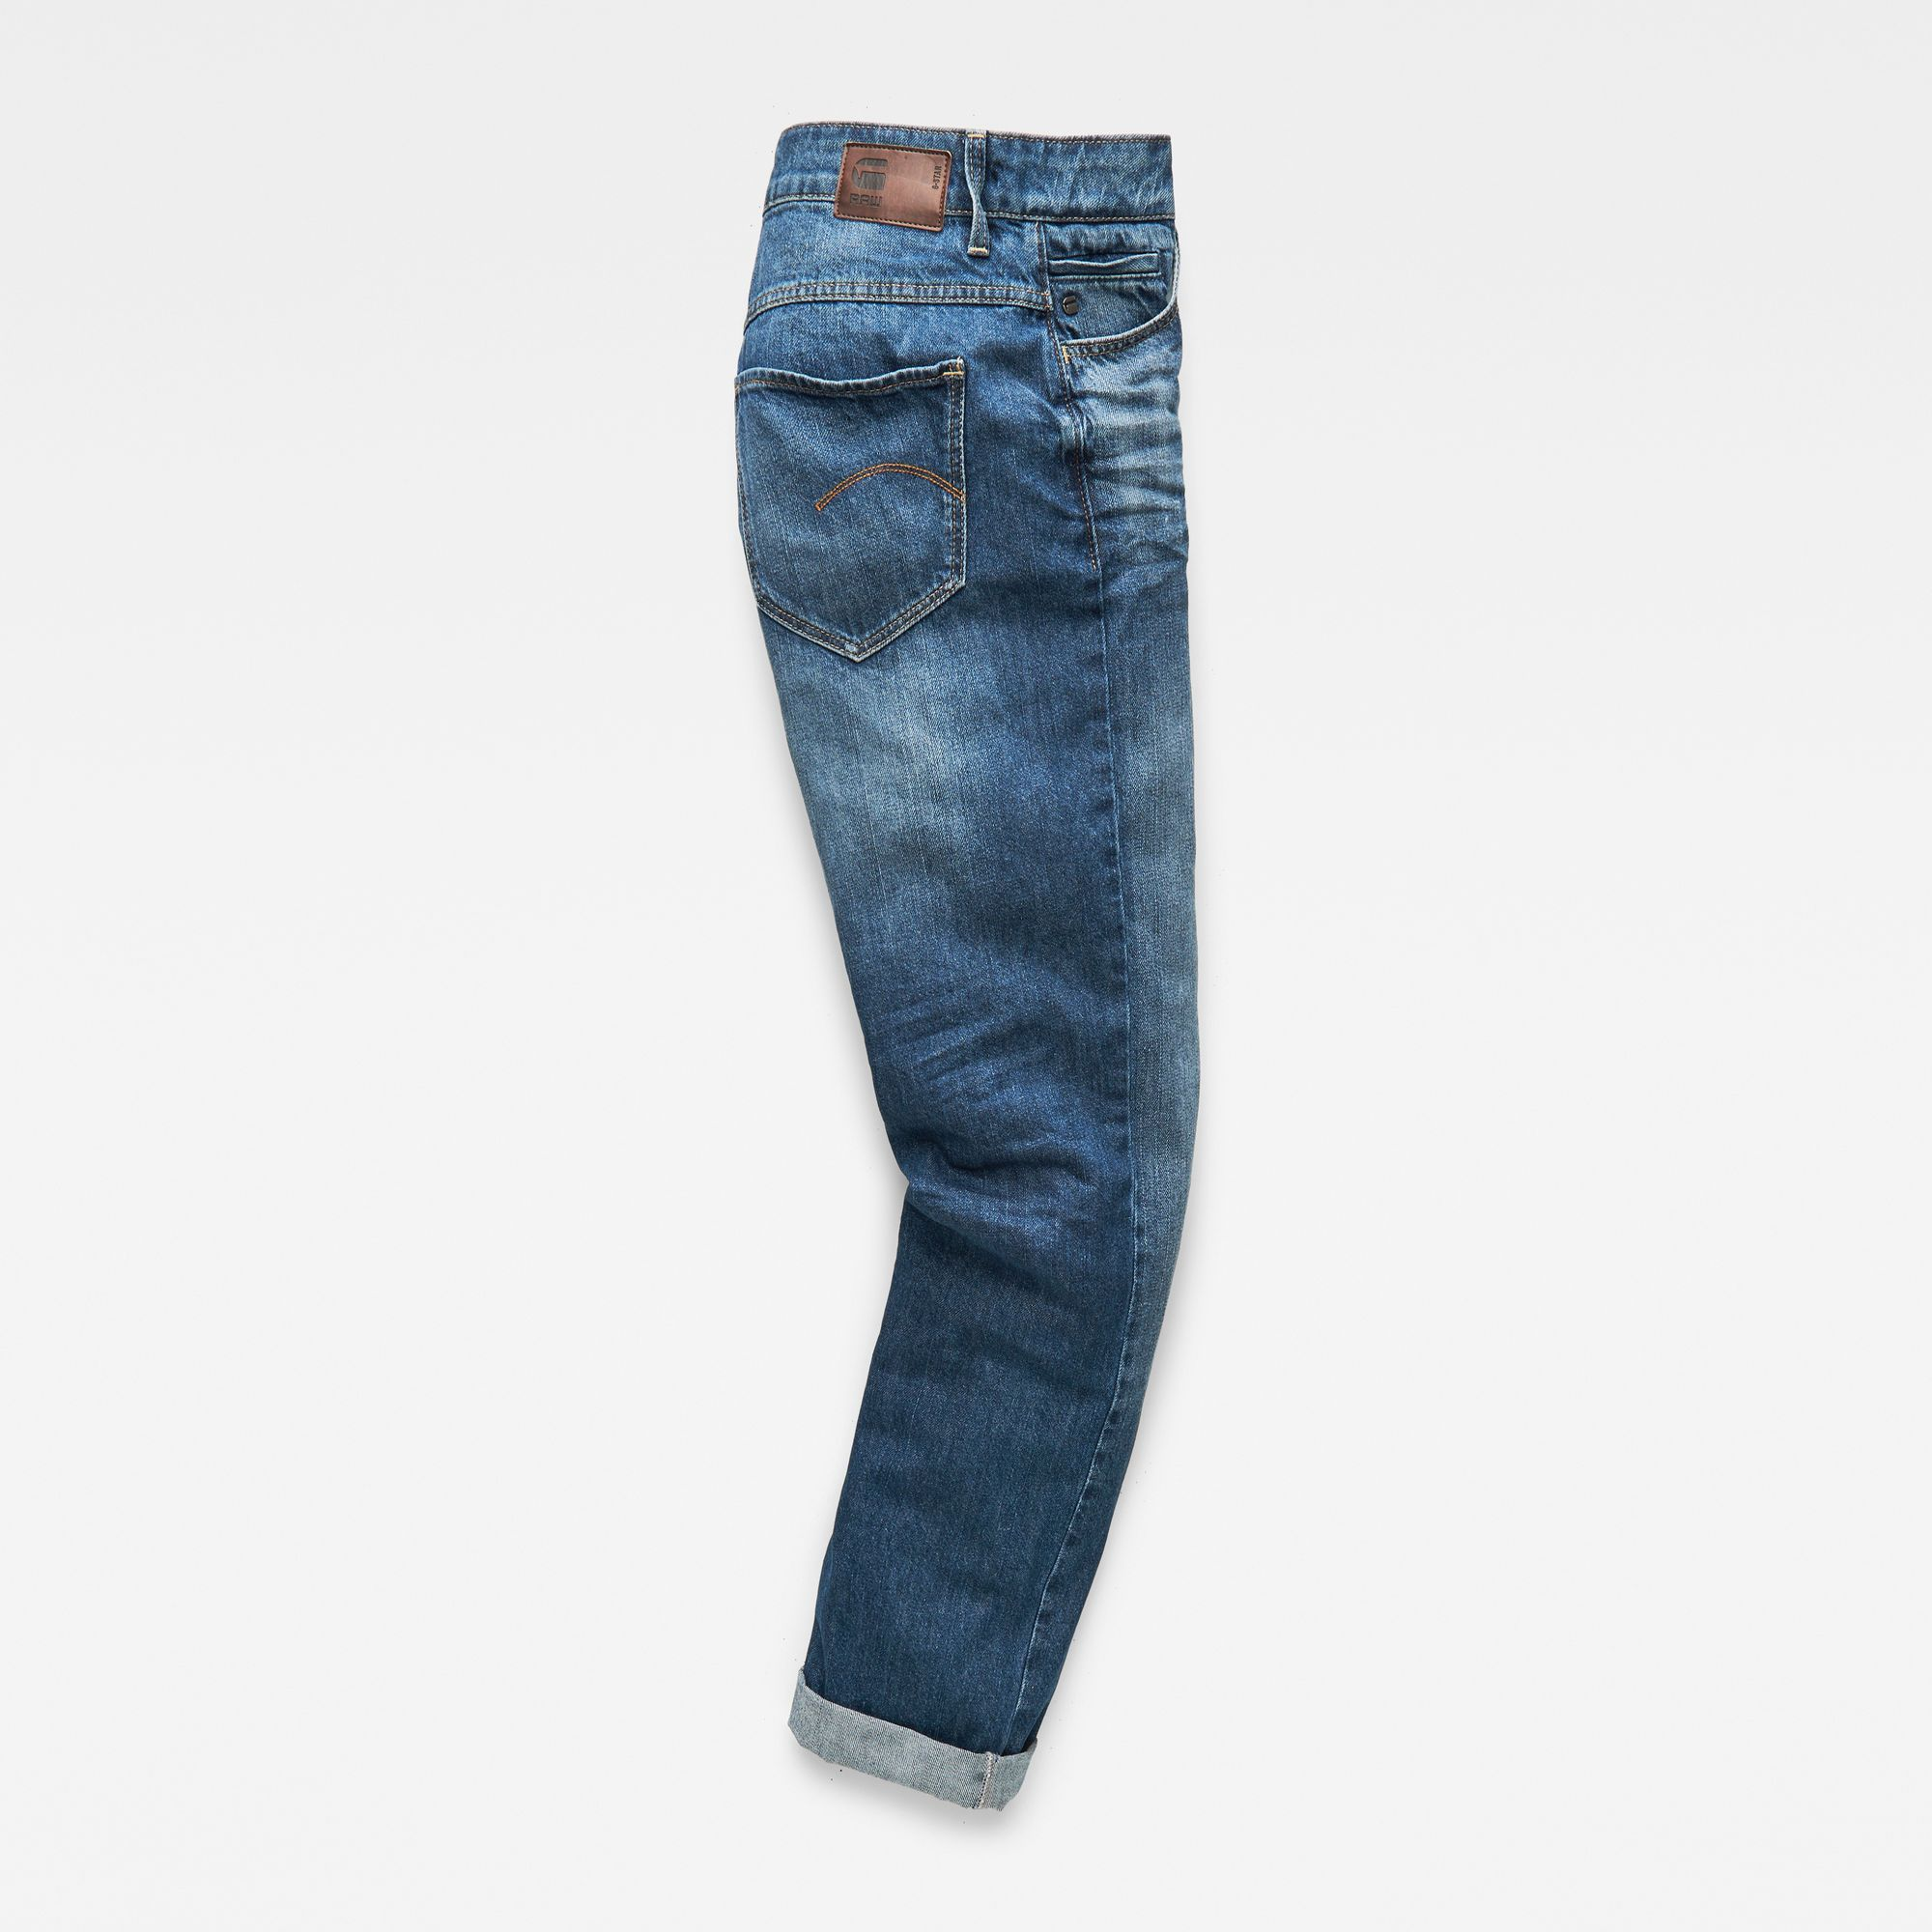 G-Star RAW Midge Deconstructed High Waist Boyfriend Jeans